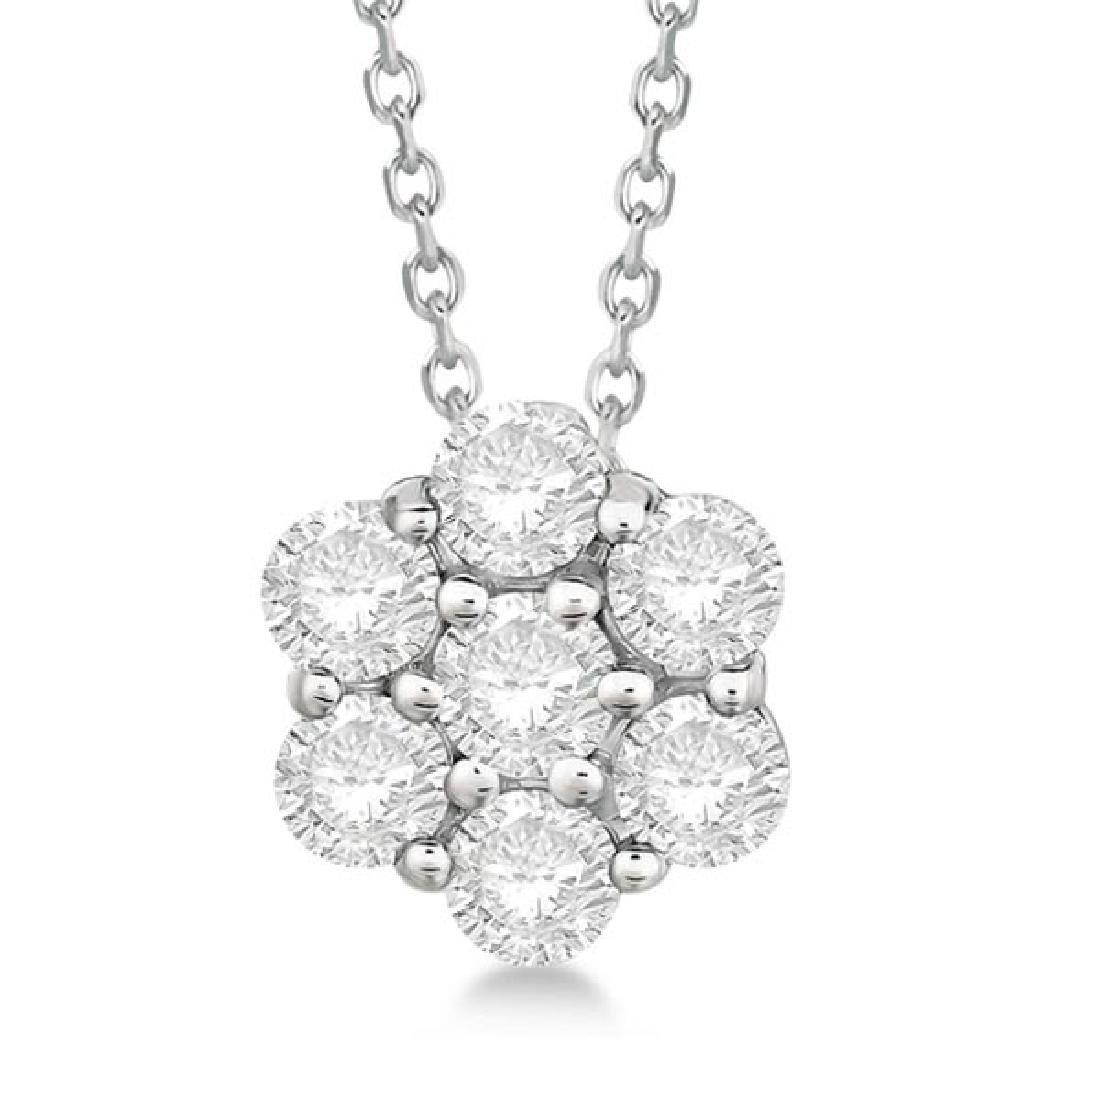 Cluster Diamond Flower Pendant Necklace 14K White Gold